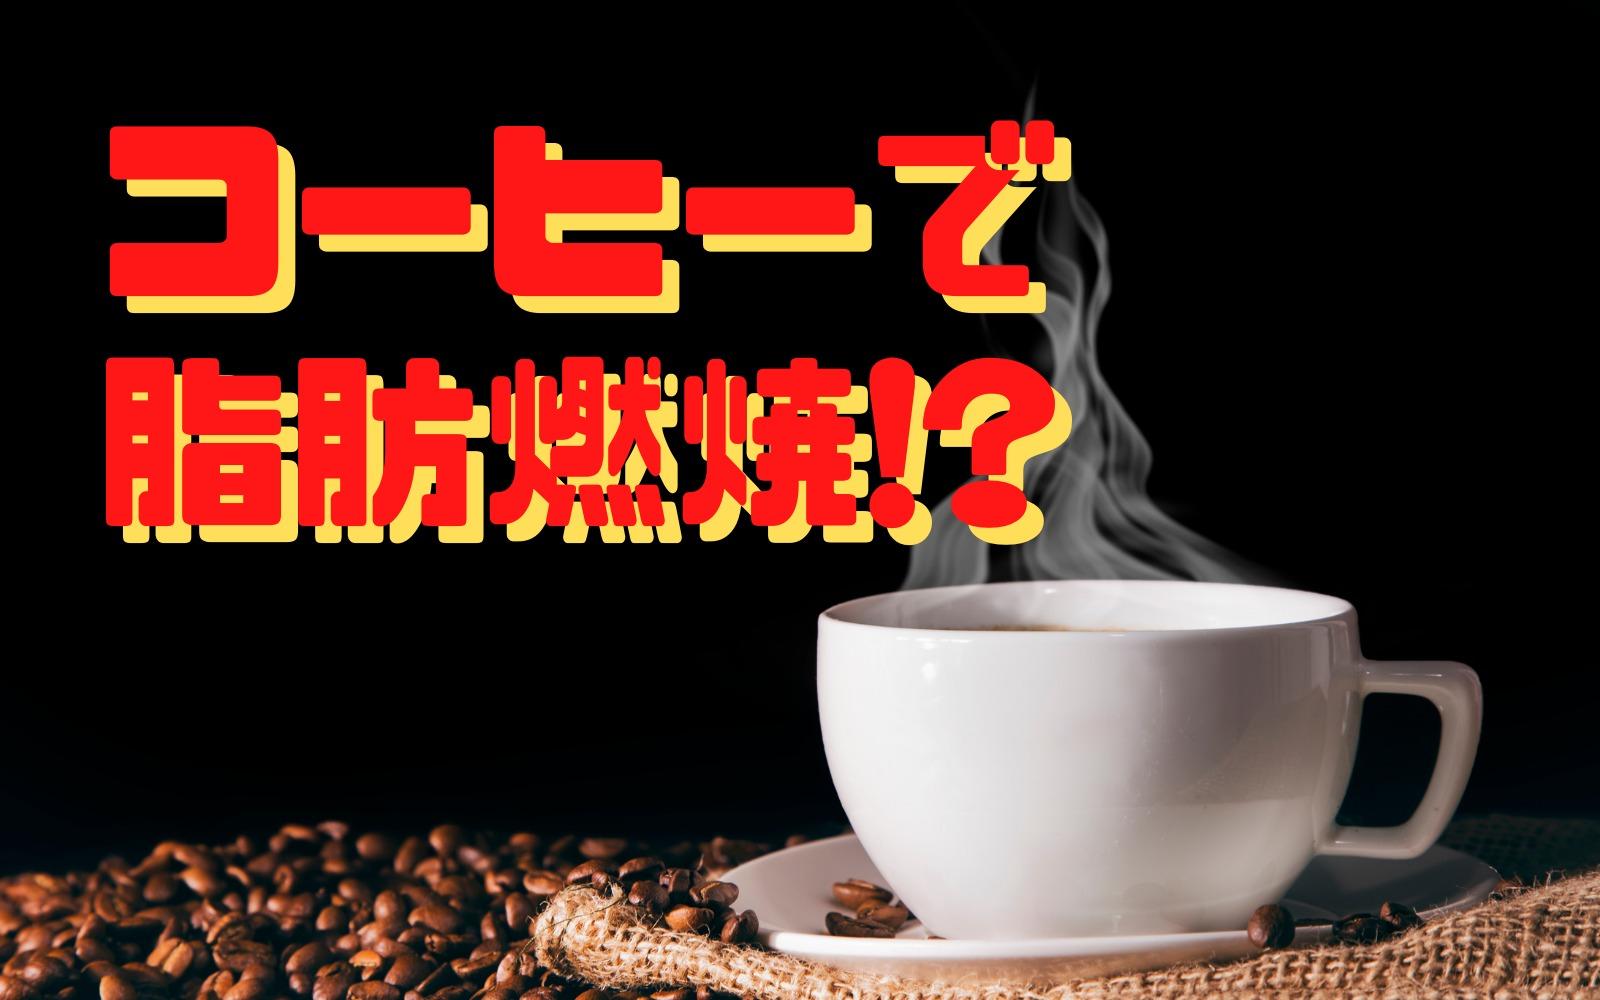 ダイエット効果抜群!コーヒーを飲んで健康的に痩せる理由